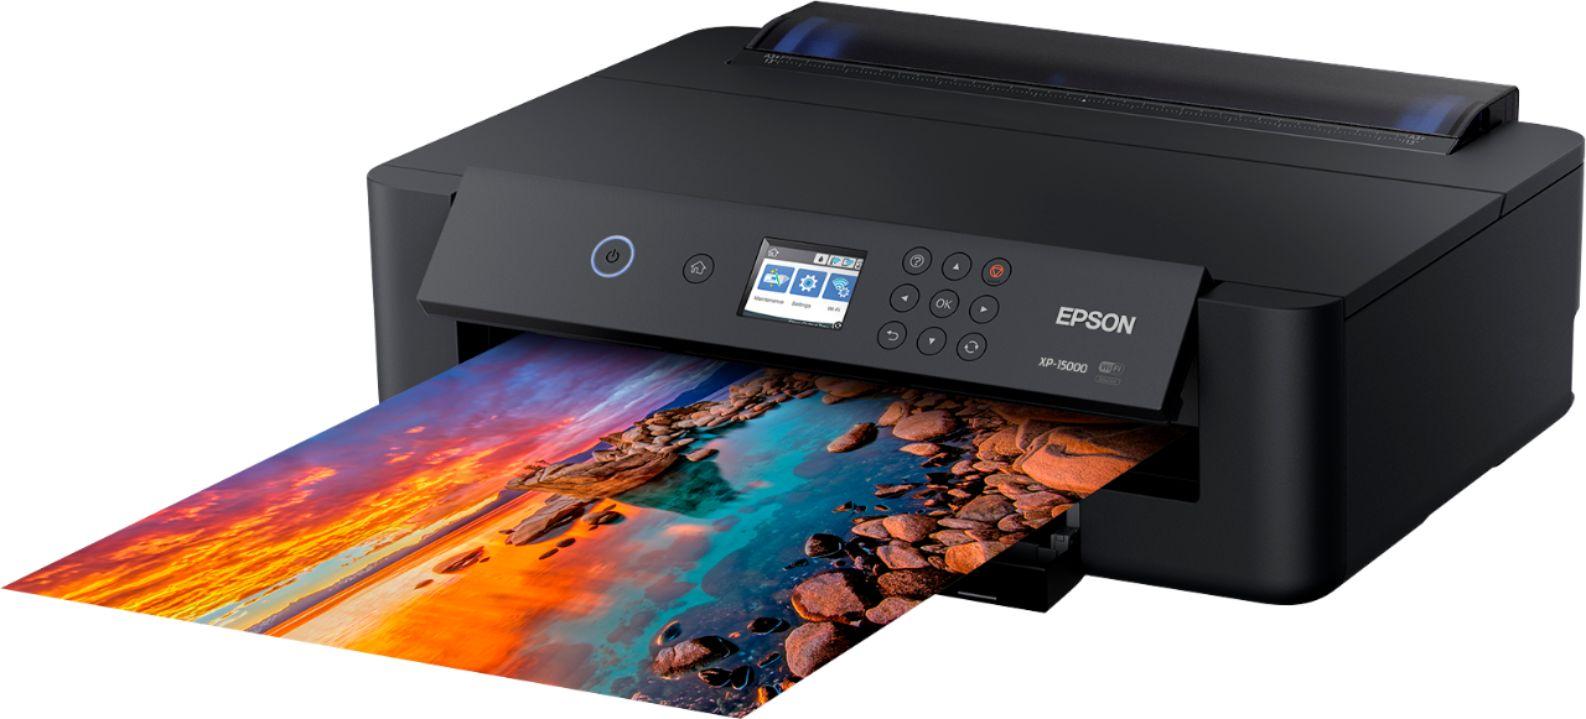 Epson Expression Photo HD XP-15000: la migliore stampante per foto